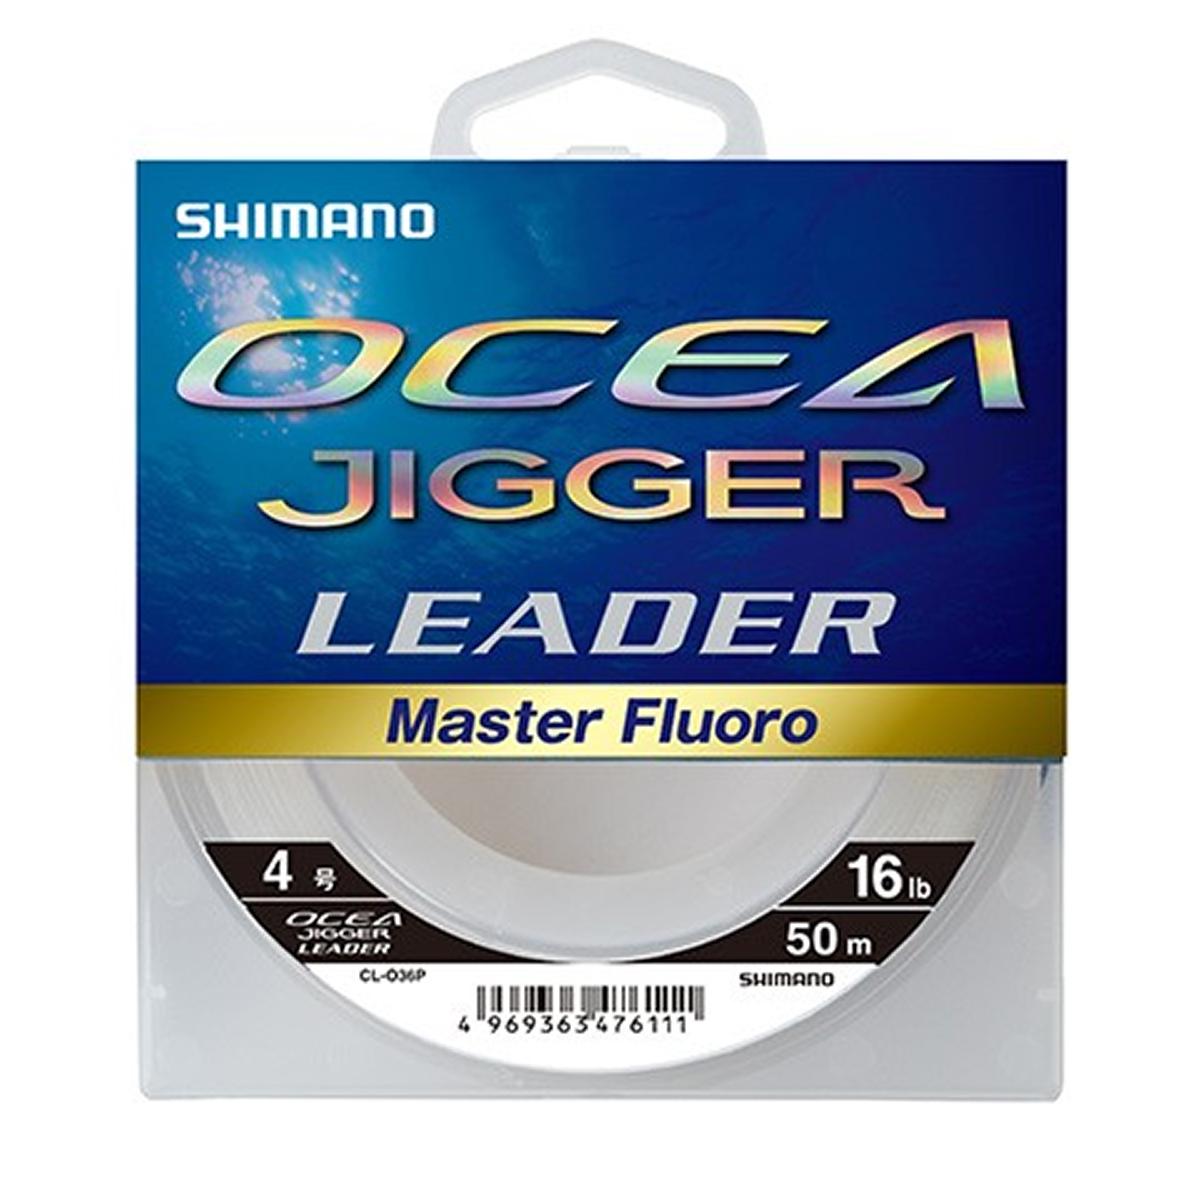 禧玛诺 (SHIMANO) oceajigger leadermasterfloro CL O36P 50 m 16 磅纯清除